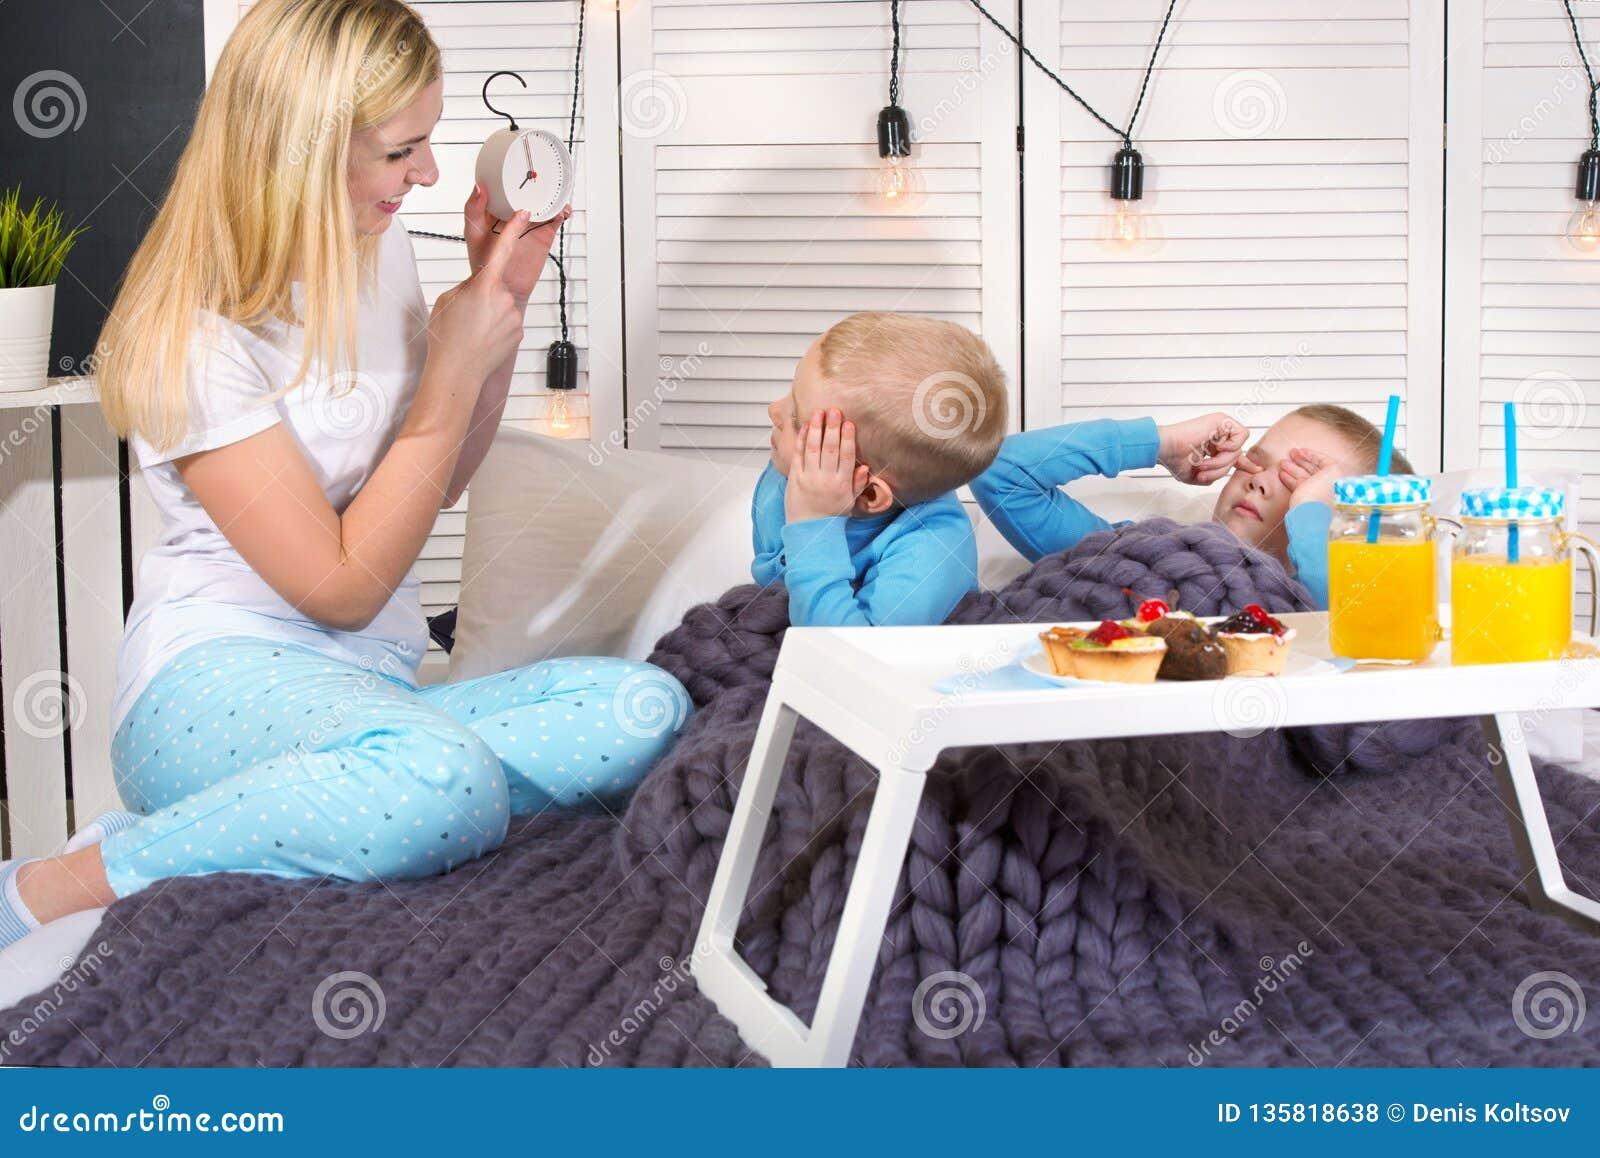 La madre sveglia i suoi figli cari Prima colazione a letto per i bambini, sorpresa